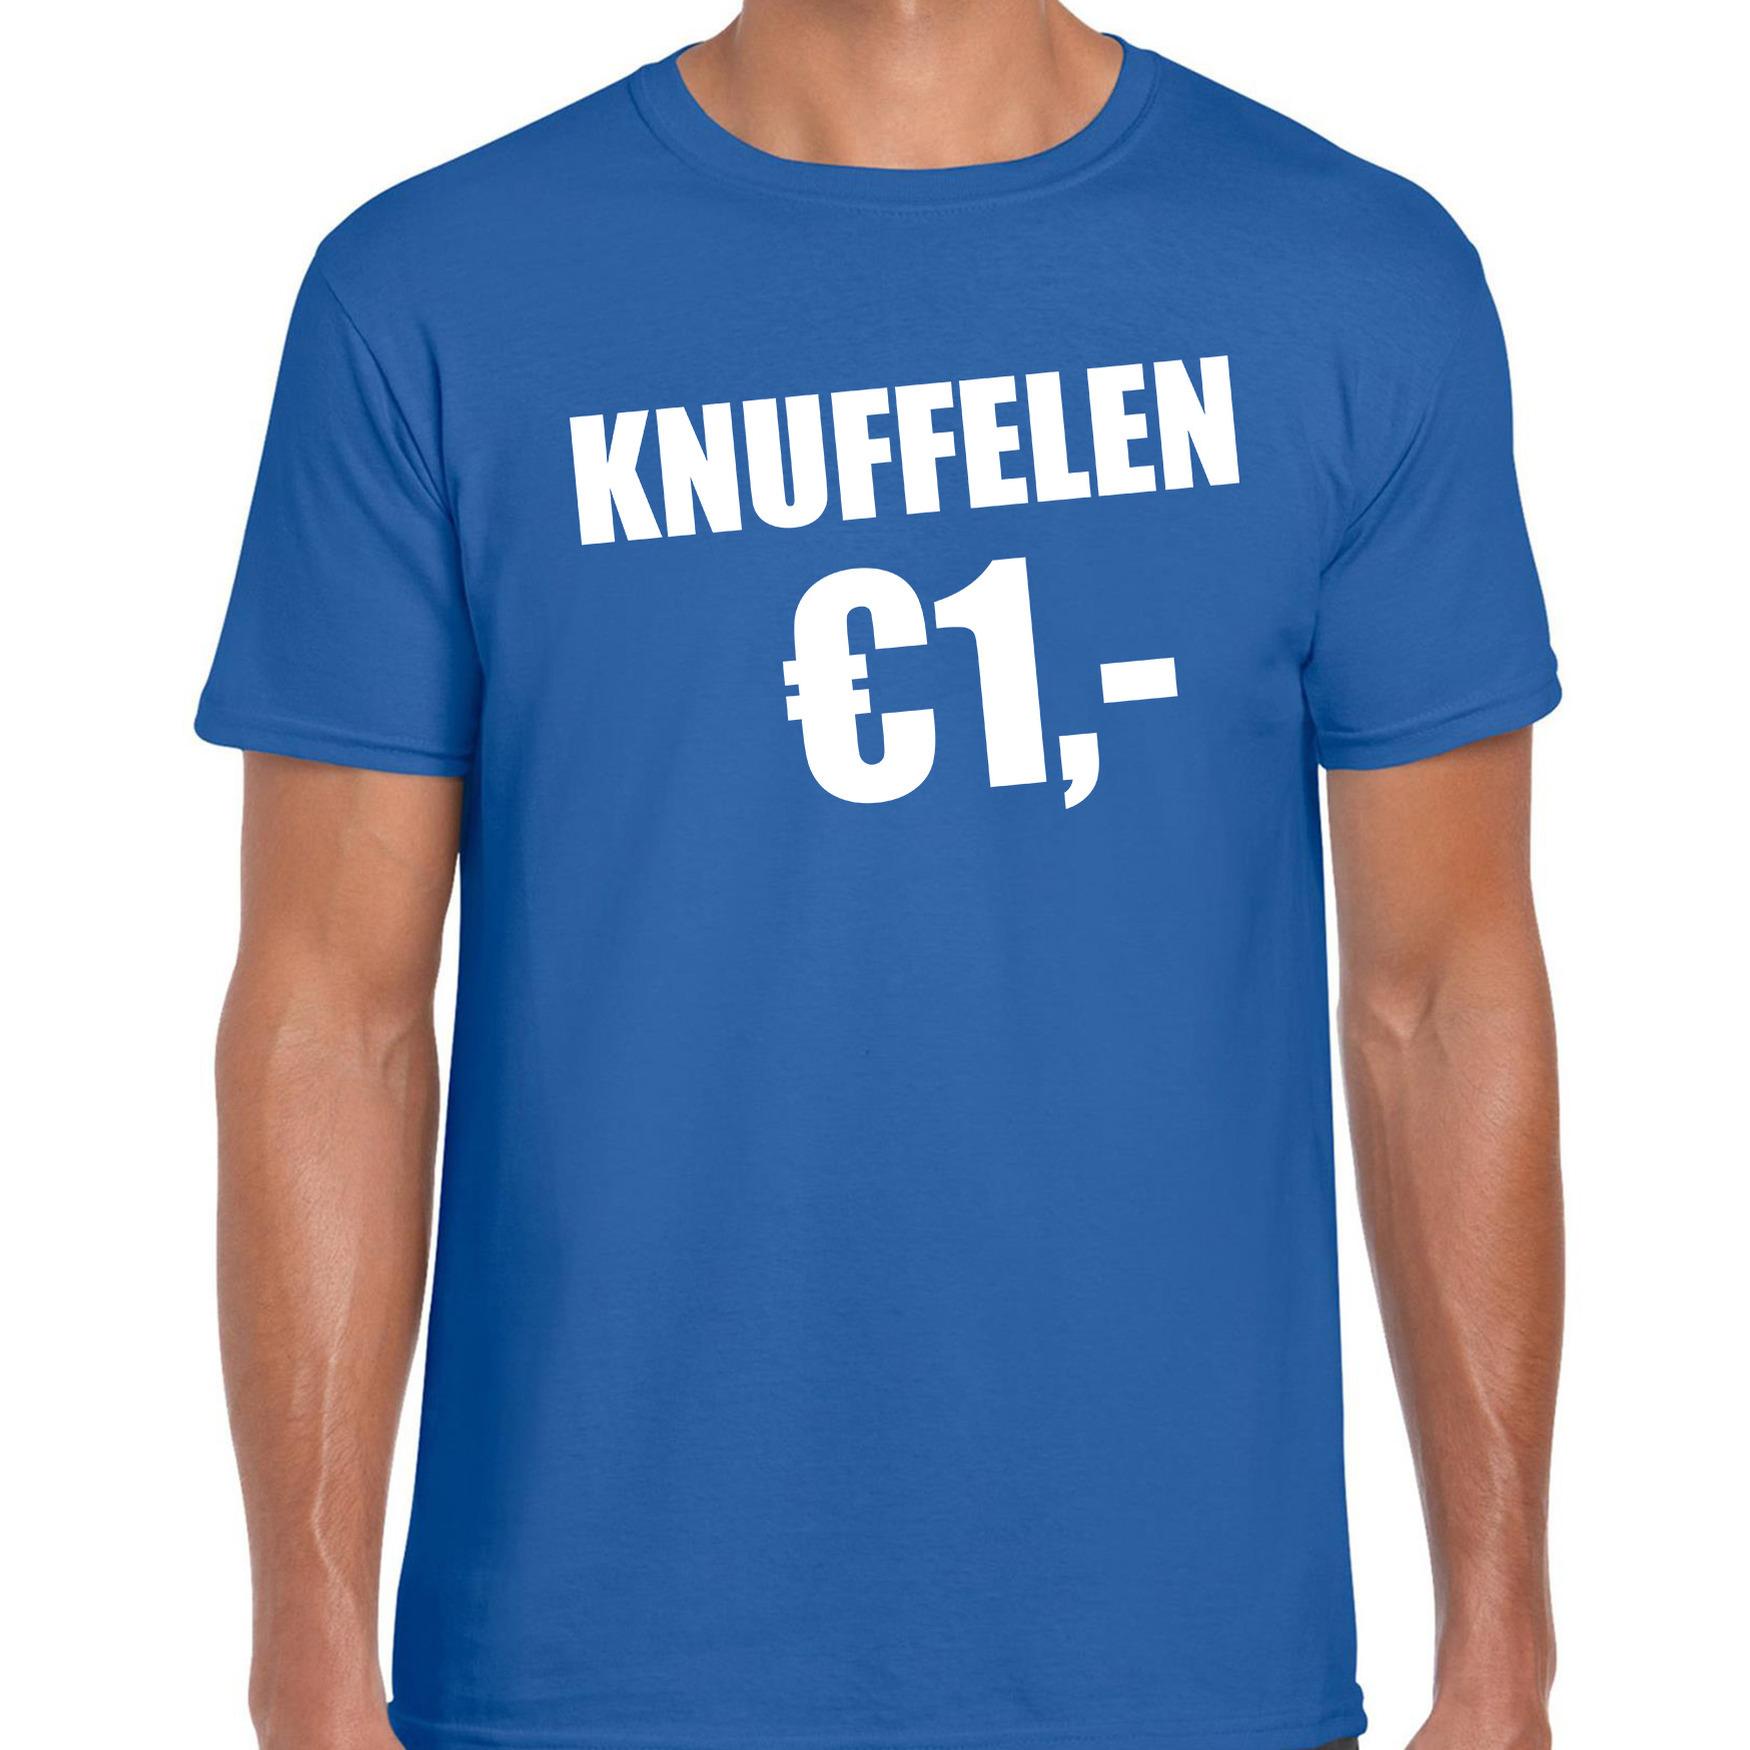 Fun t-shirt knuffelen 1 euro blauw voor heren M -